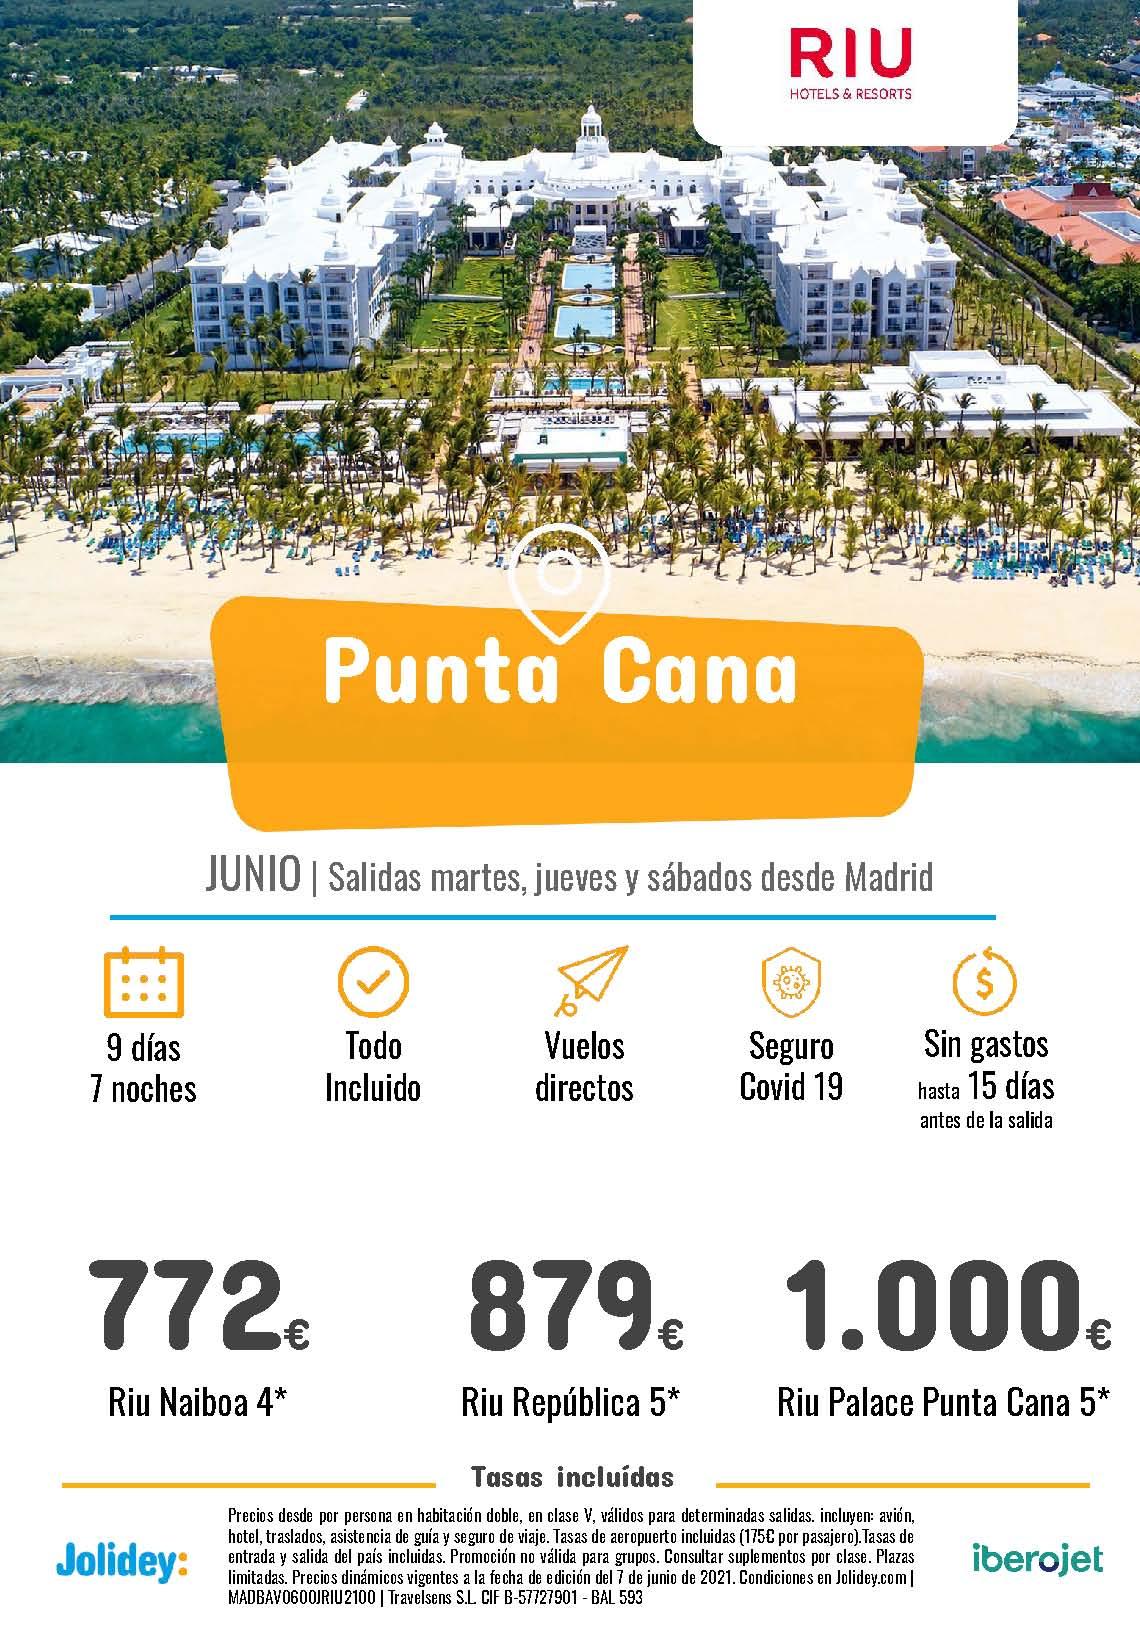 Ofertas Jolidey Punta Cana en Hoteles Riu Junio 2021 vuelo directo desde Madrid